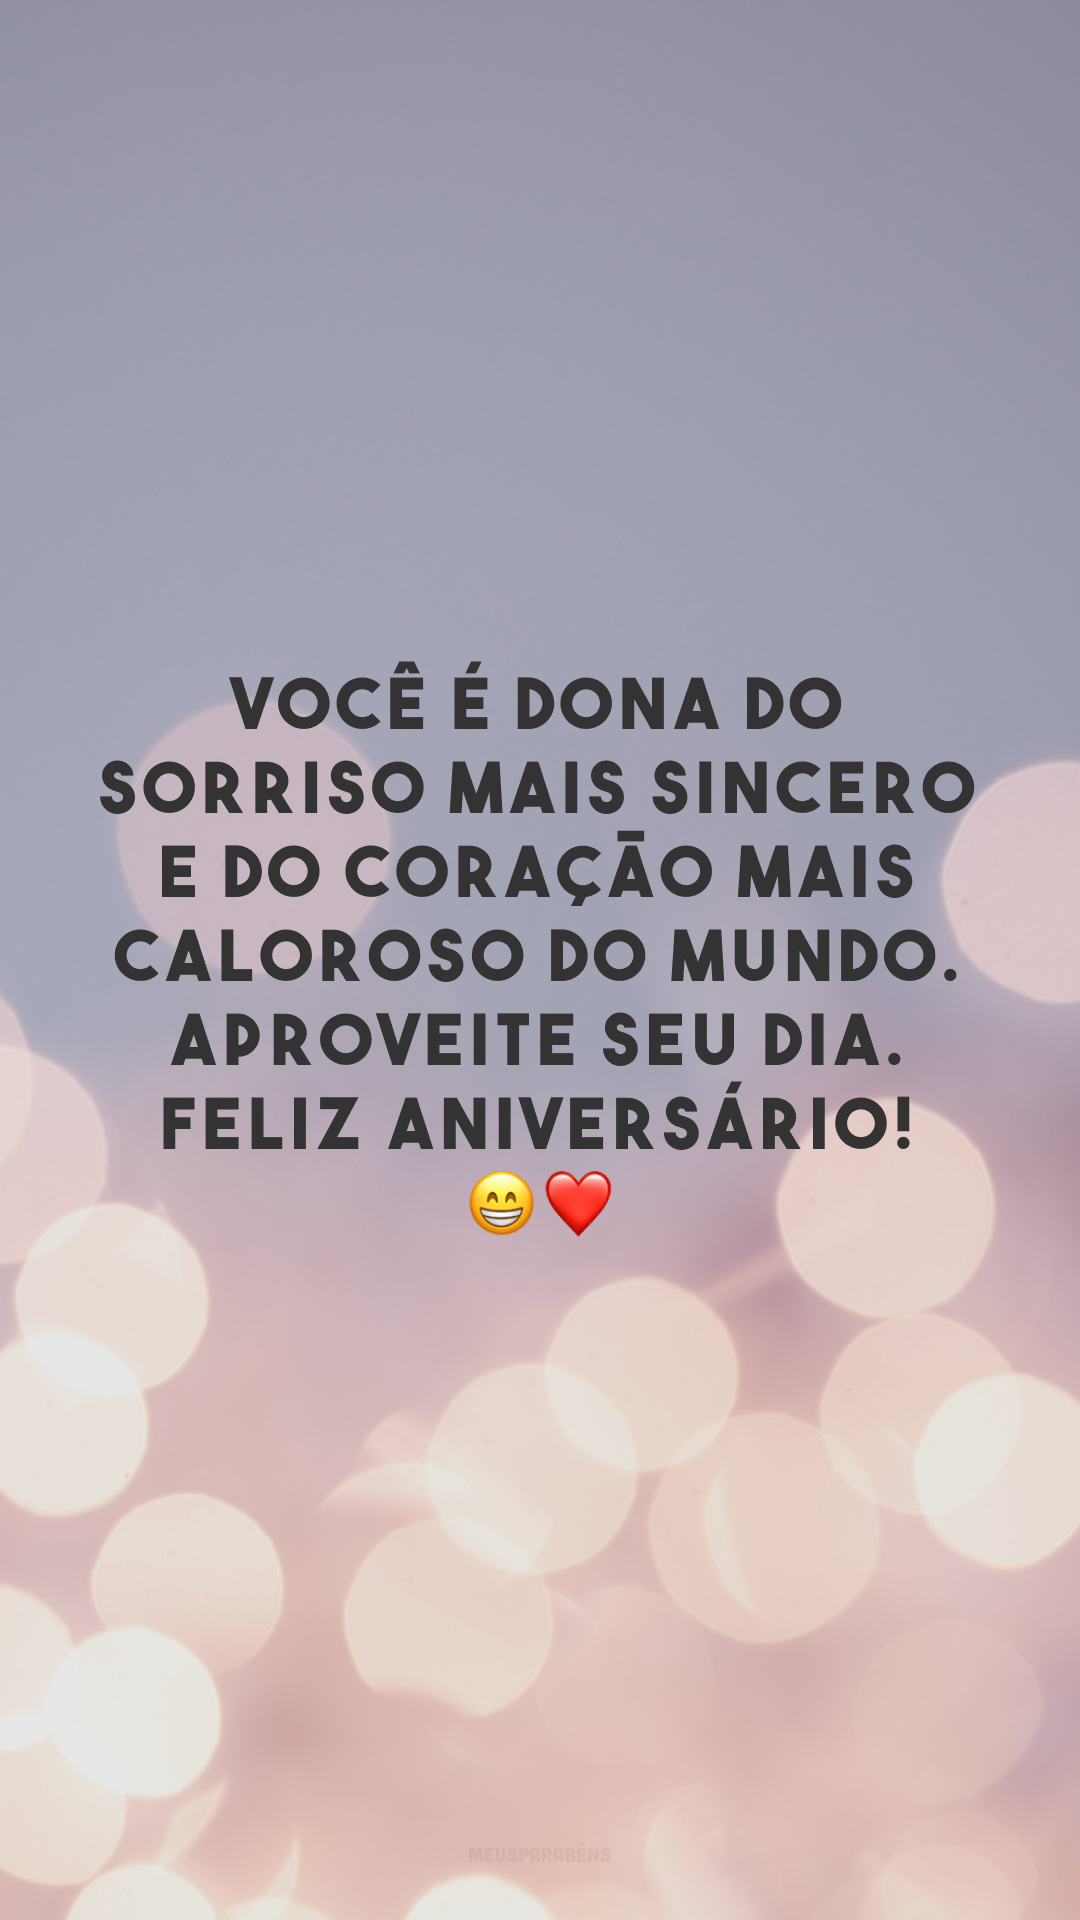 Você é dona do sorriso mais sincero e do coração mais caloroso do mundo. Aproveite seu dia. Feliz aniversário! 😁❤